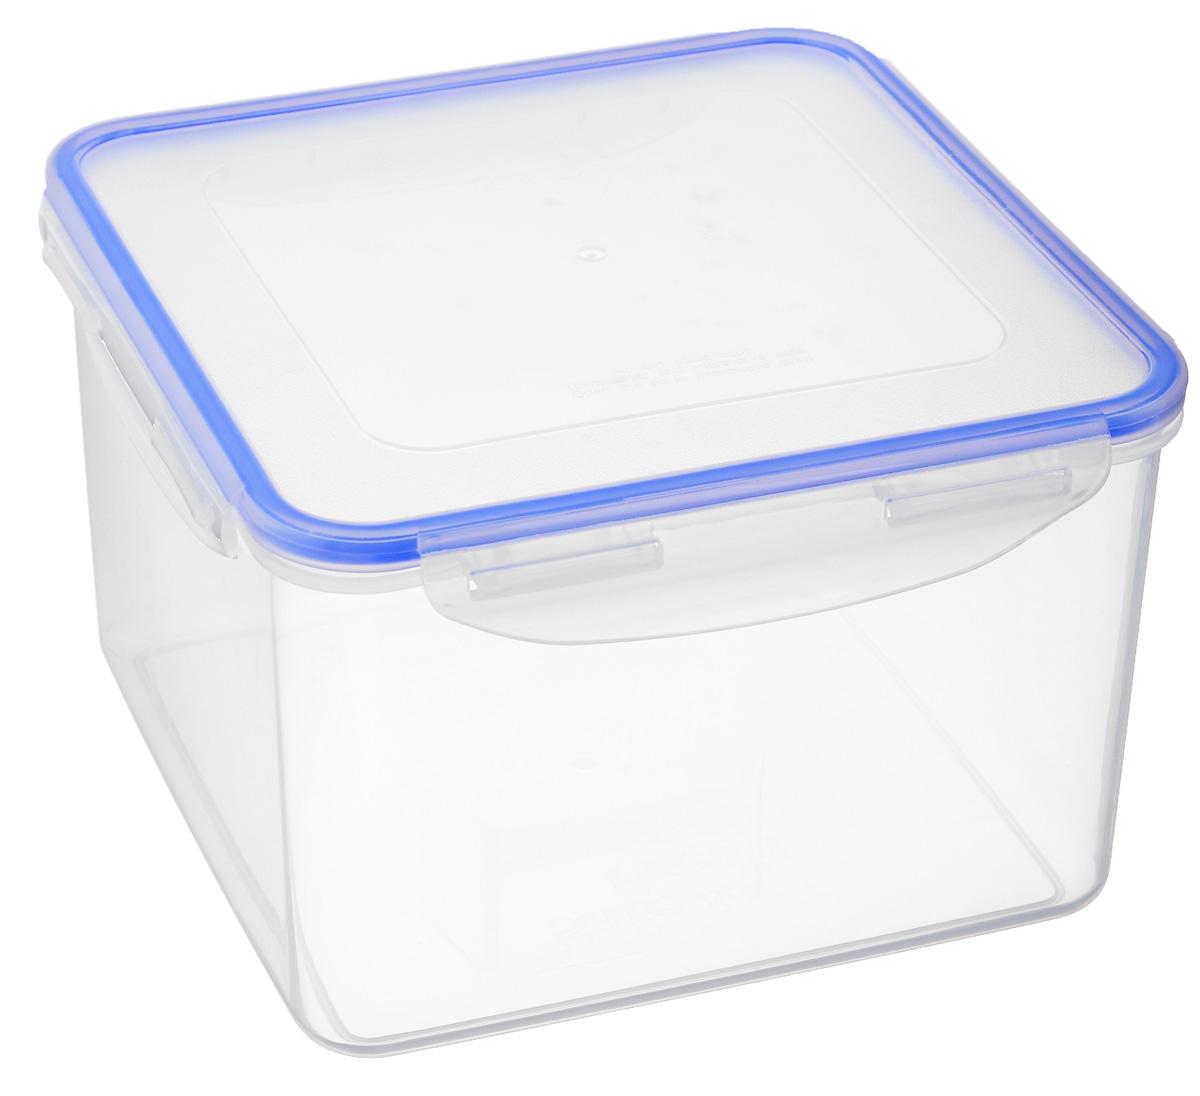 Контейнер пищевой Tek-a-Tek Safe & Fresh, 3,7 лSF4-2Пищевой контейнер Tek-a-Tek Safe & Fresh изготовлен из пищевого полипропилена (пластика). Стенки прозрачные, что позволяет видеть содержимое. Контейнер снабжен крышкой с 4-сторонними петлями-замками. Силиконовая прокладка на внутренней стороне крышки обеспечивает герметичность, препятствует попаданию внутрь воды. Контейнер обладает абсолютной нетоксичностью при любом температурном режиме. Можно использовать в посудомоечной машине, в микроволновой печи( без крышки) до 3 минут, замораживать до -40°С и размораживать различные продукты без потери вкусовых качеств.